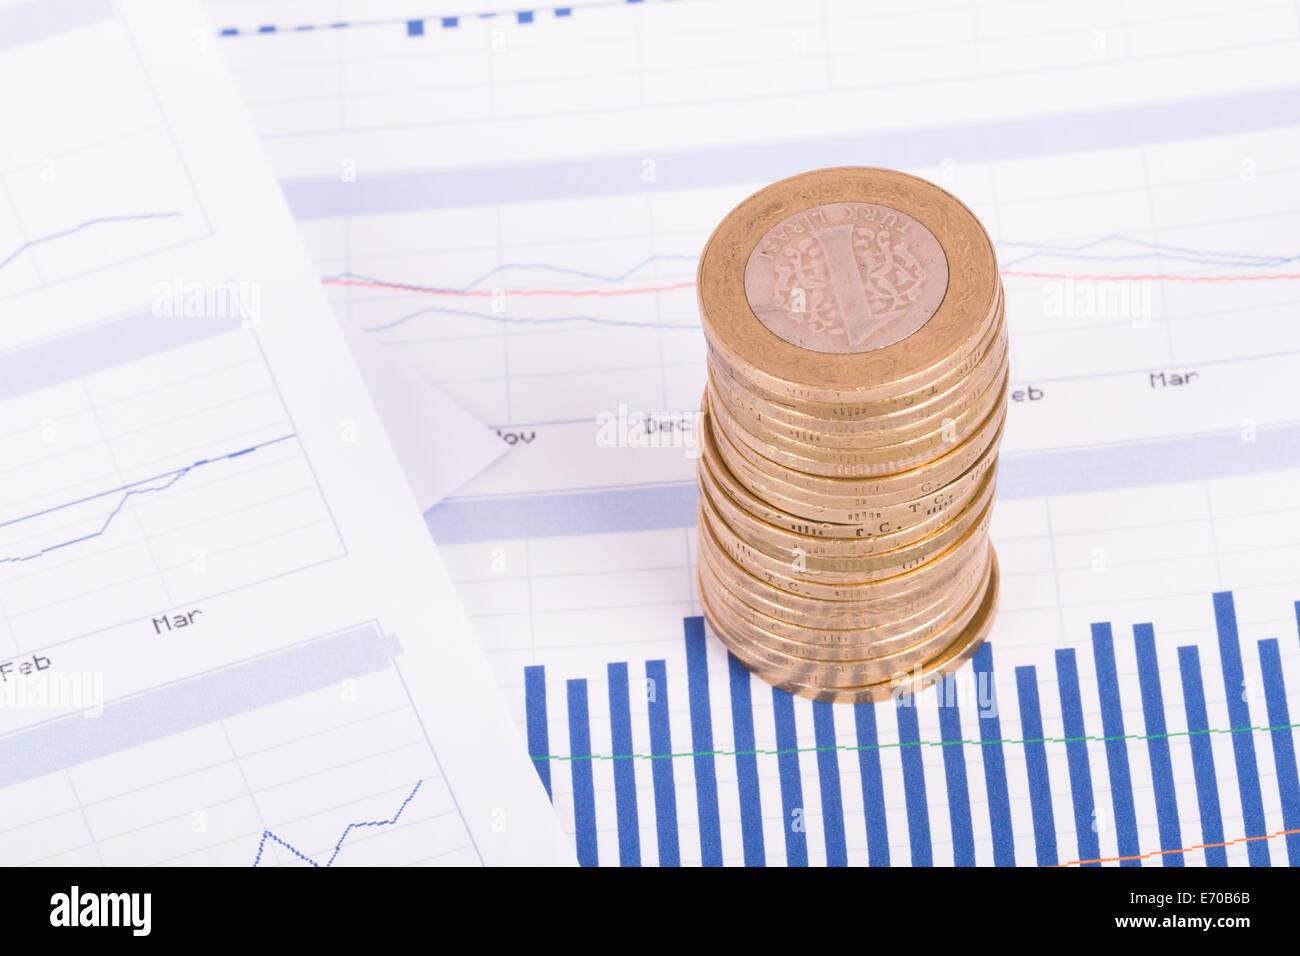 Des crédits sur carte graphique et l'analyse des données financières. Photo Stock